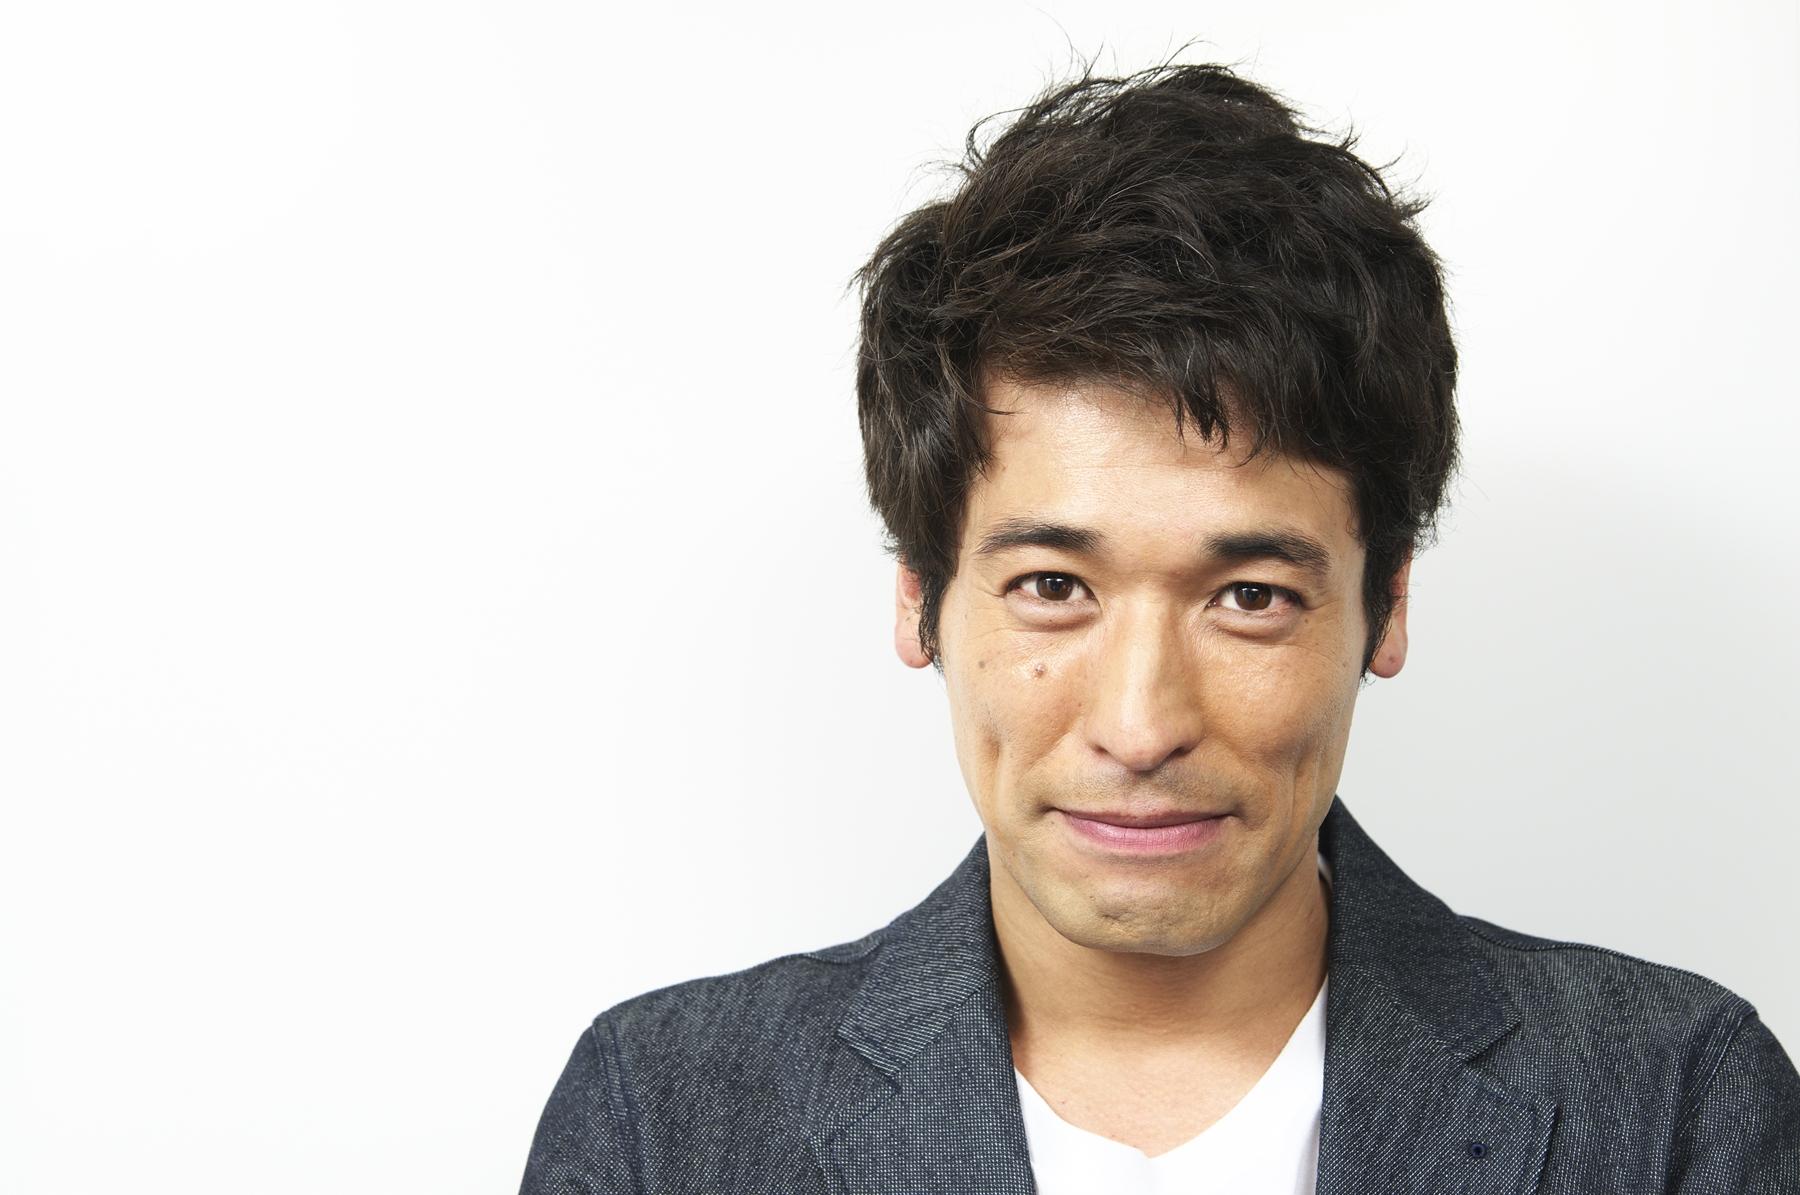 真顔のかっこいい佐藤隆太